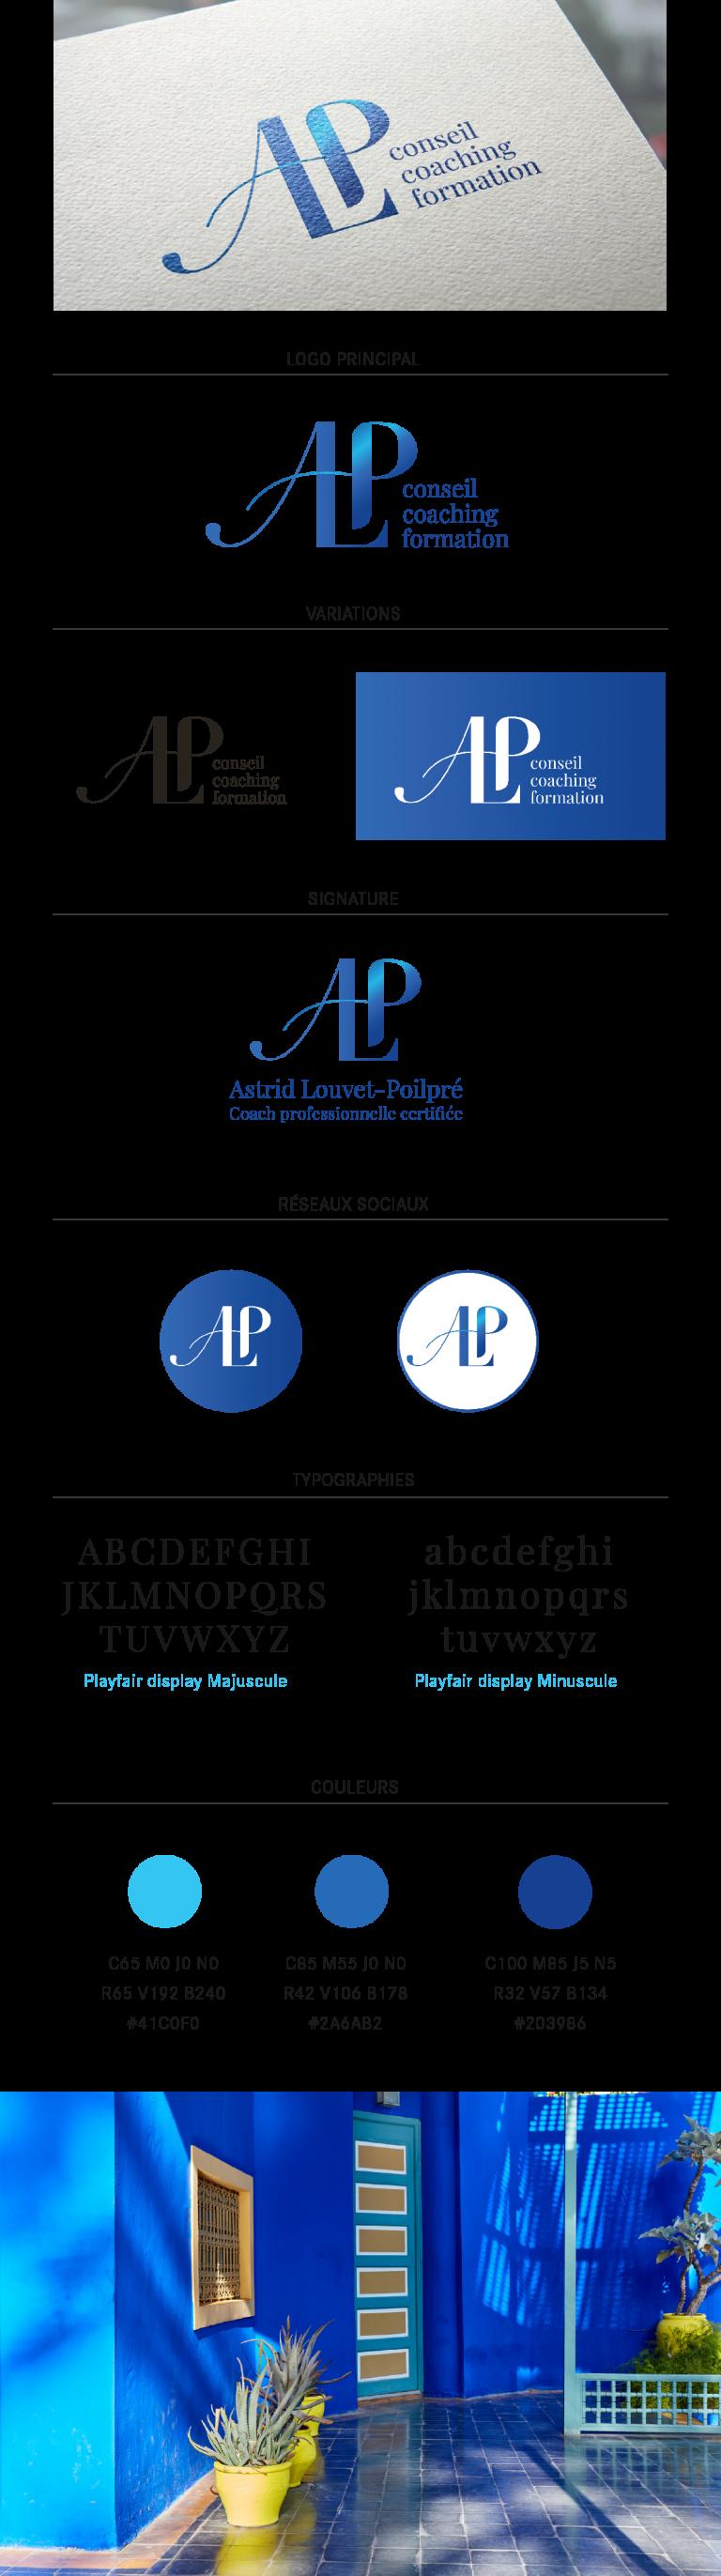 identite visuelle ALP